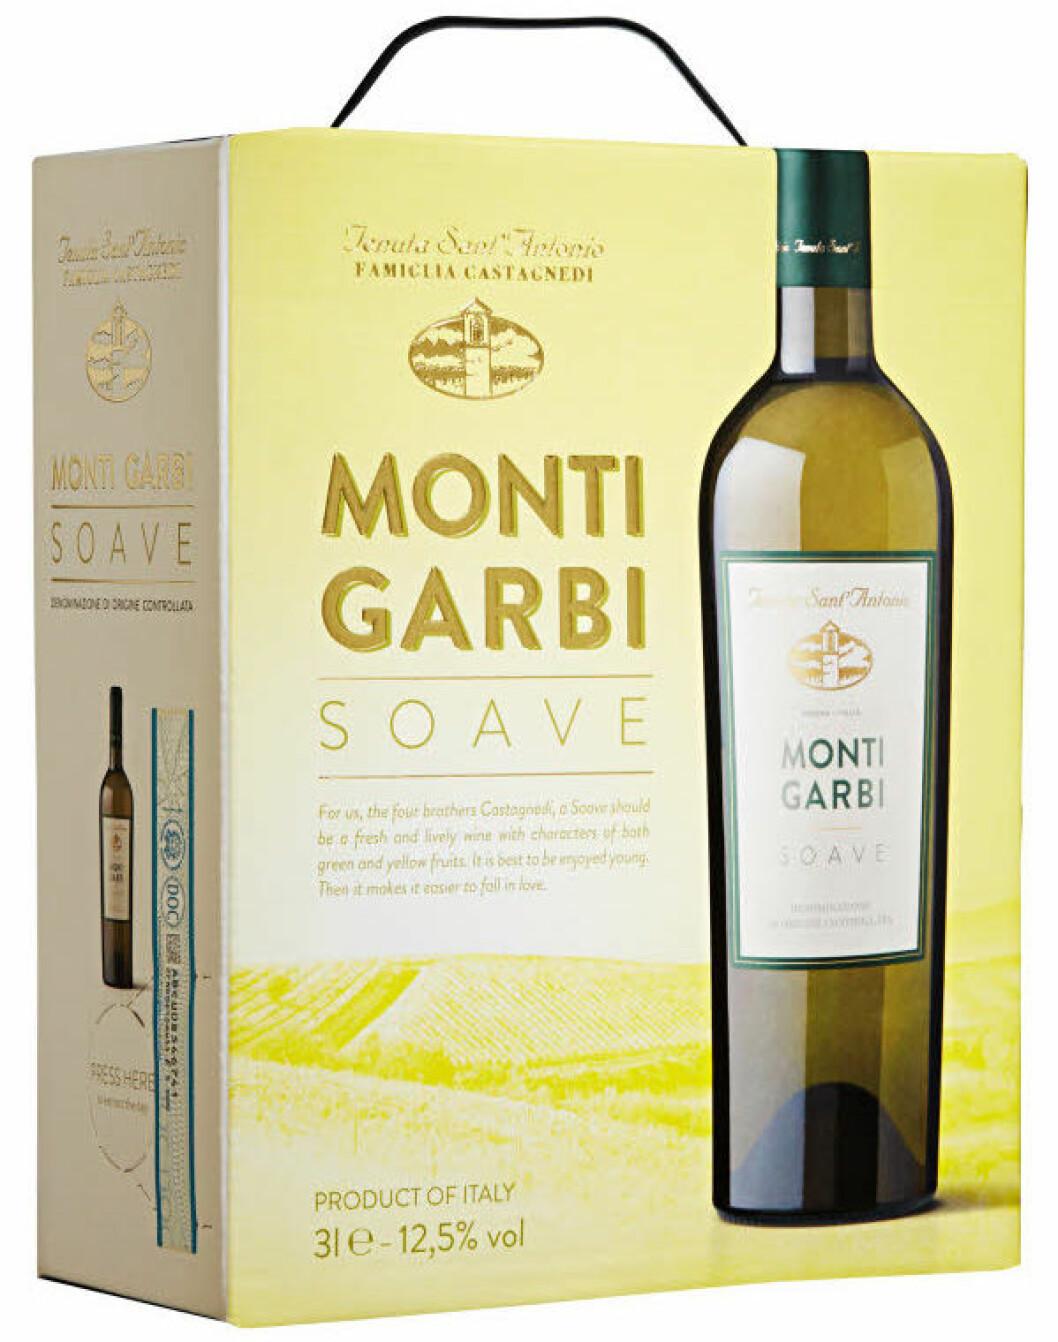 Monti Garbi Soave (nr 2078), Italien, Venetien, 249 kr.